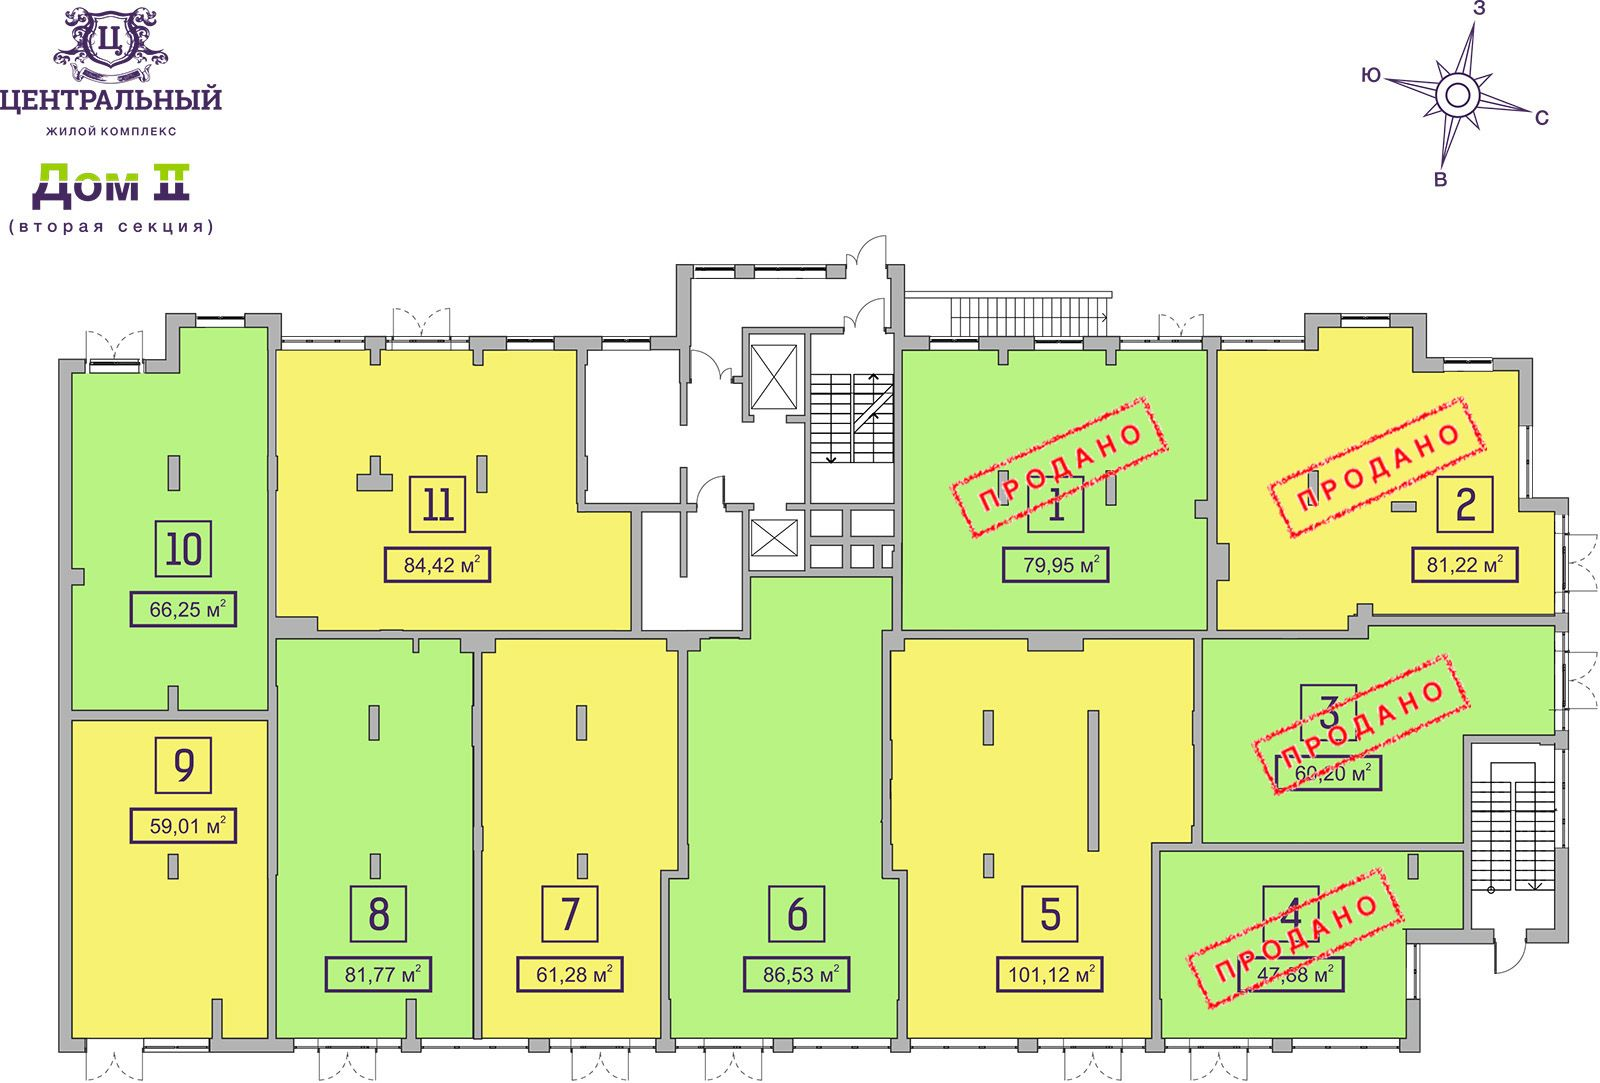 Дом 2. Коммерческая недвижимость 2-я секция